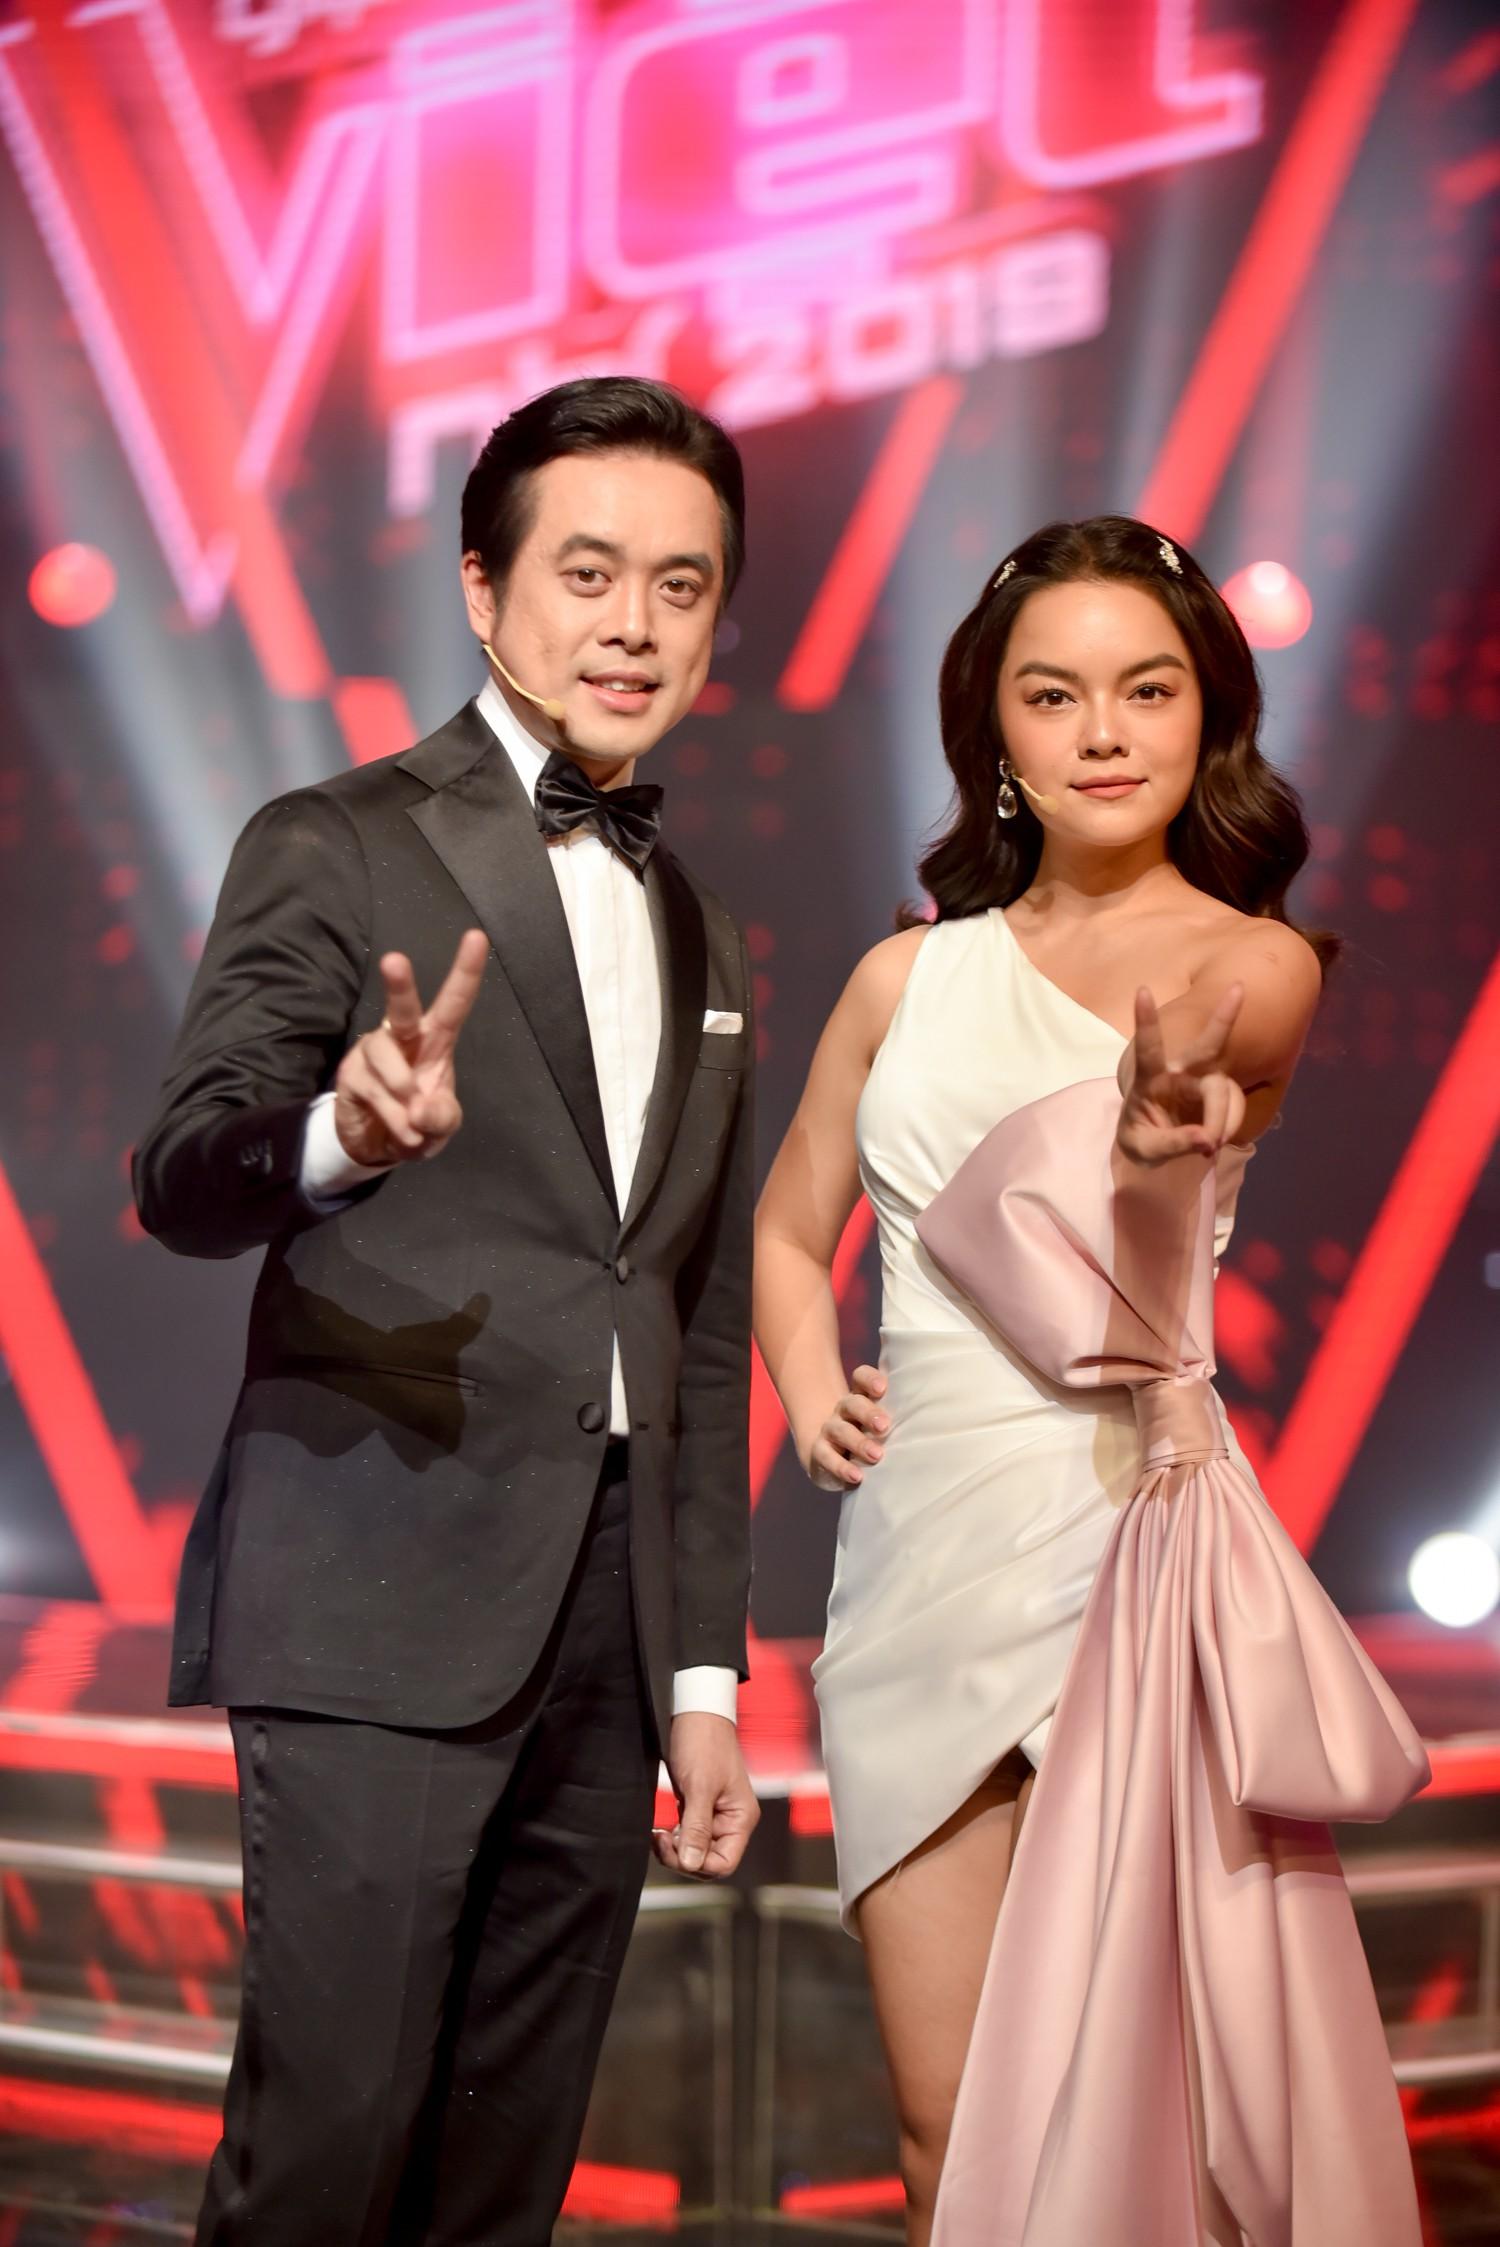 Vượt bão ồn ào ly hôn, Phạm Quỳnh Anh làm HLV The Voice Kids, ngồi ghế nóng cùng Dương Khắc Linh  - Ảnh 1.